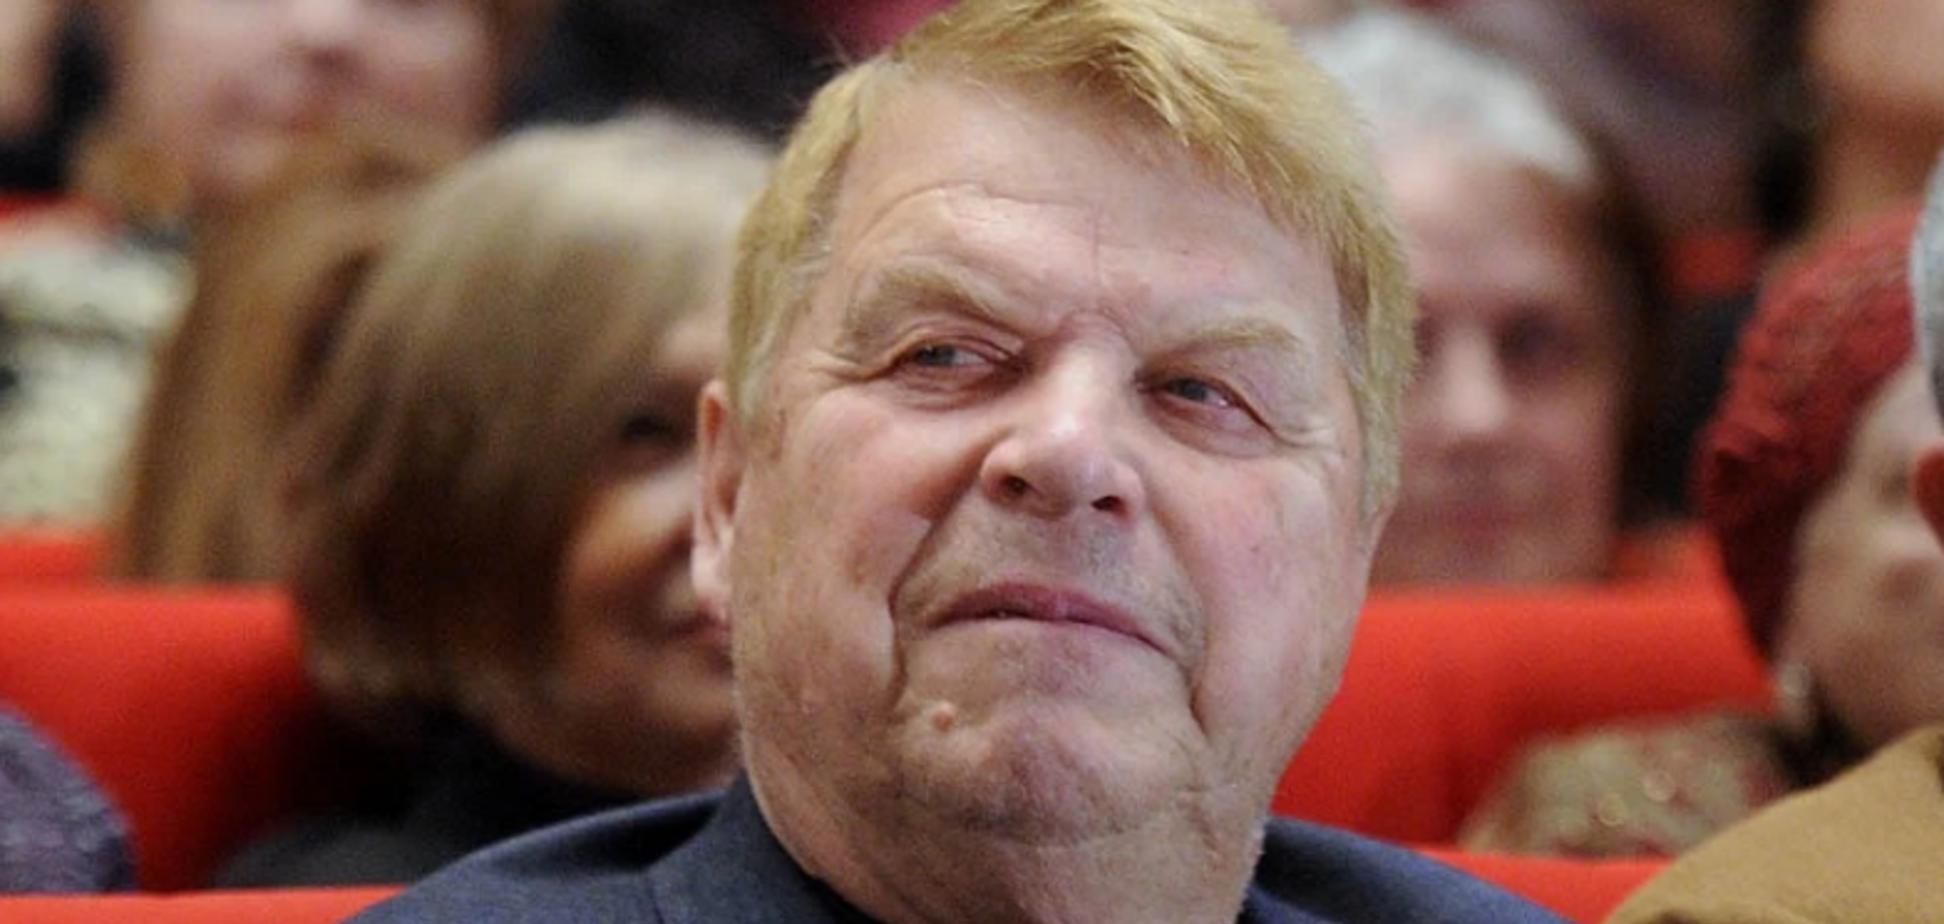 Ексдружина Кокшенова відреагувала на чутки про багатомільйонний спадок актора